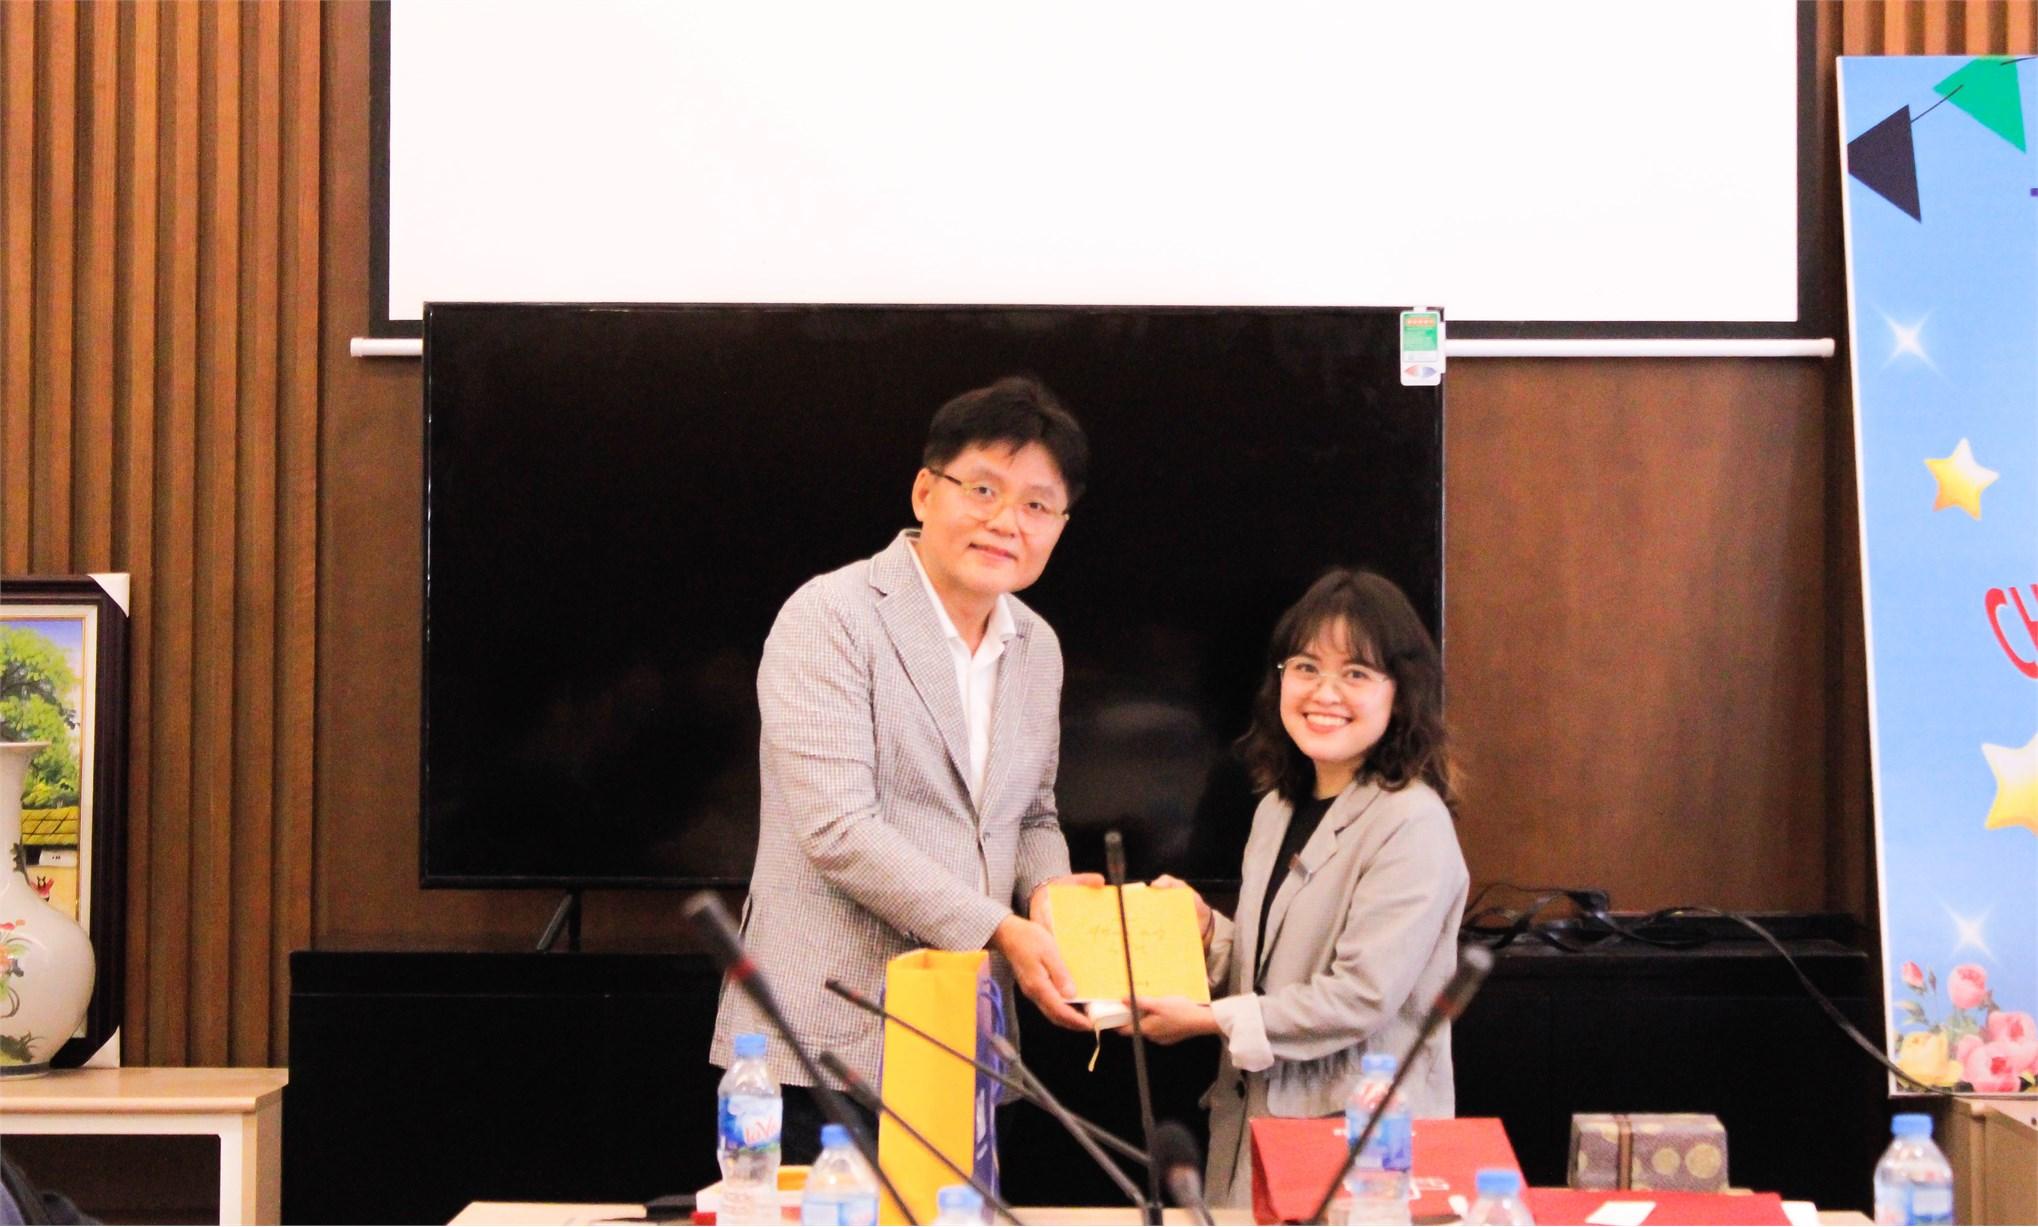 Khoa Ngoại ngữ tiếp đoàn Đại học Khoa Học Công Nghệ và Quốc Gia Seoul